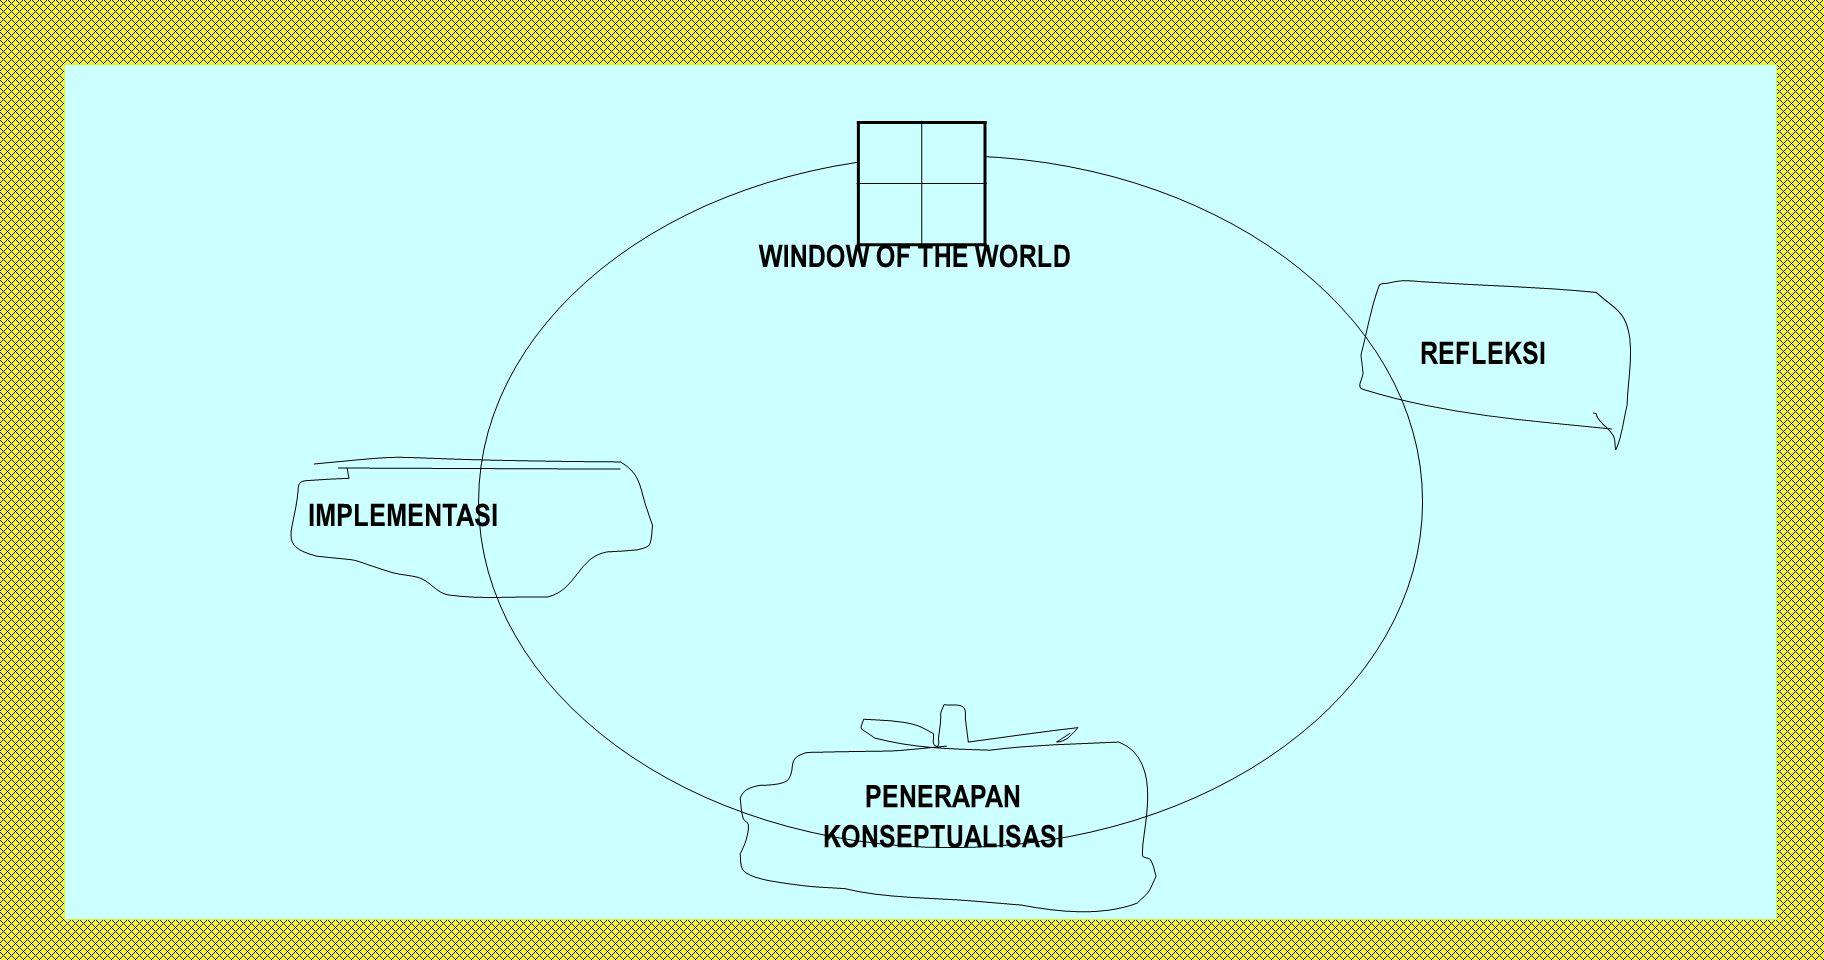 METACOGNITION MELIPUTI 4 JENIS KETERAMPILAN (Preisseisen) 1.KETERAMPILAN MENGATASI MASALAH 2.KETERAMPILAN PENGAMBILAN KEPUTUSAN 3.KETERAMPILAN BERPIKI